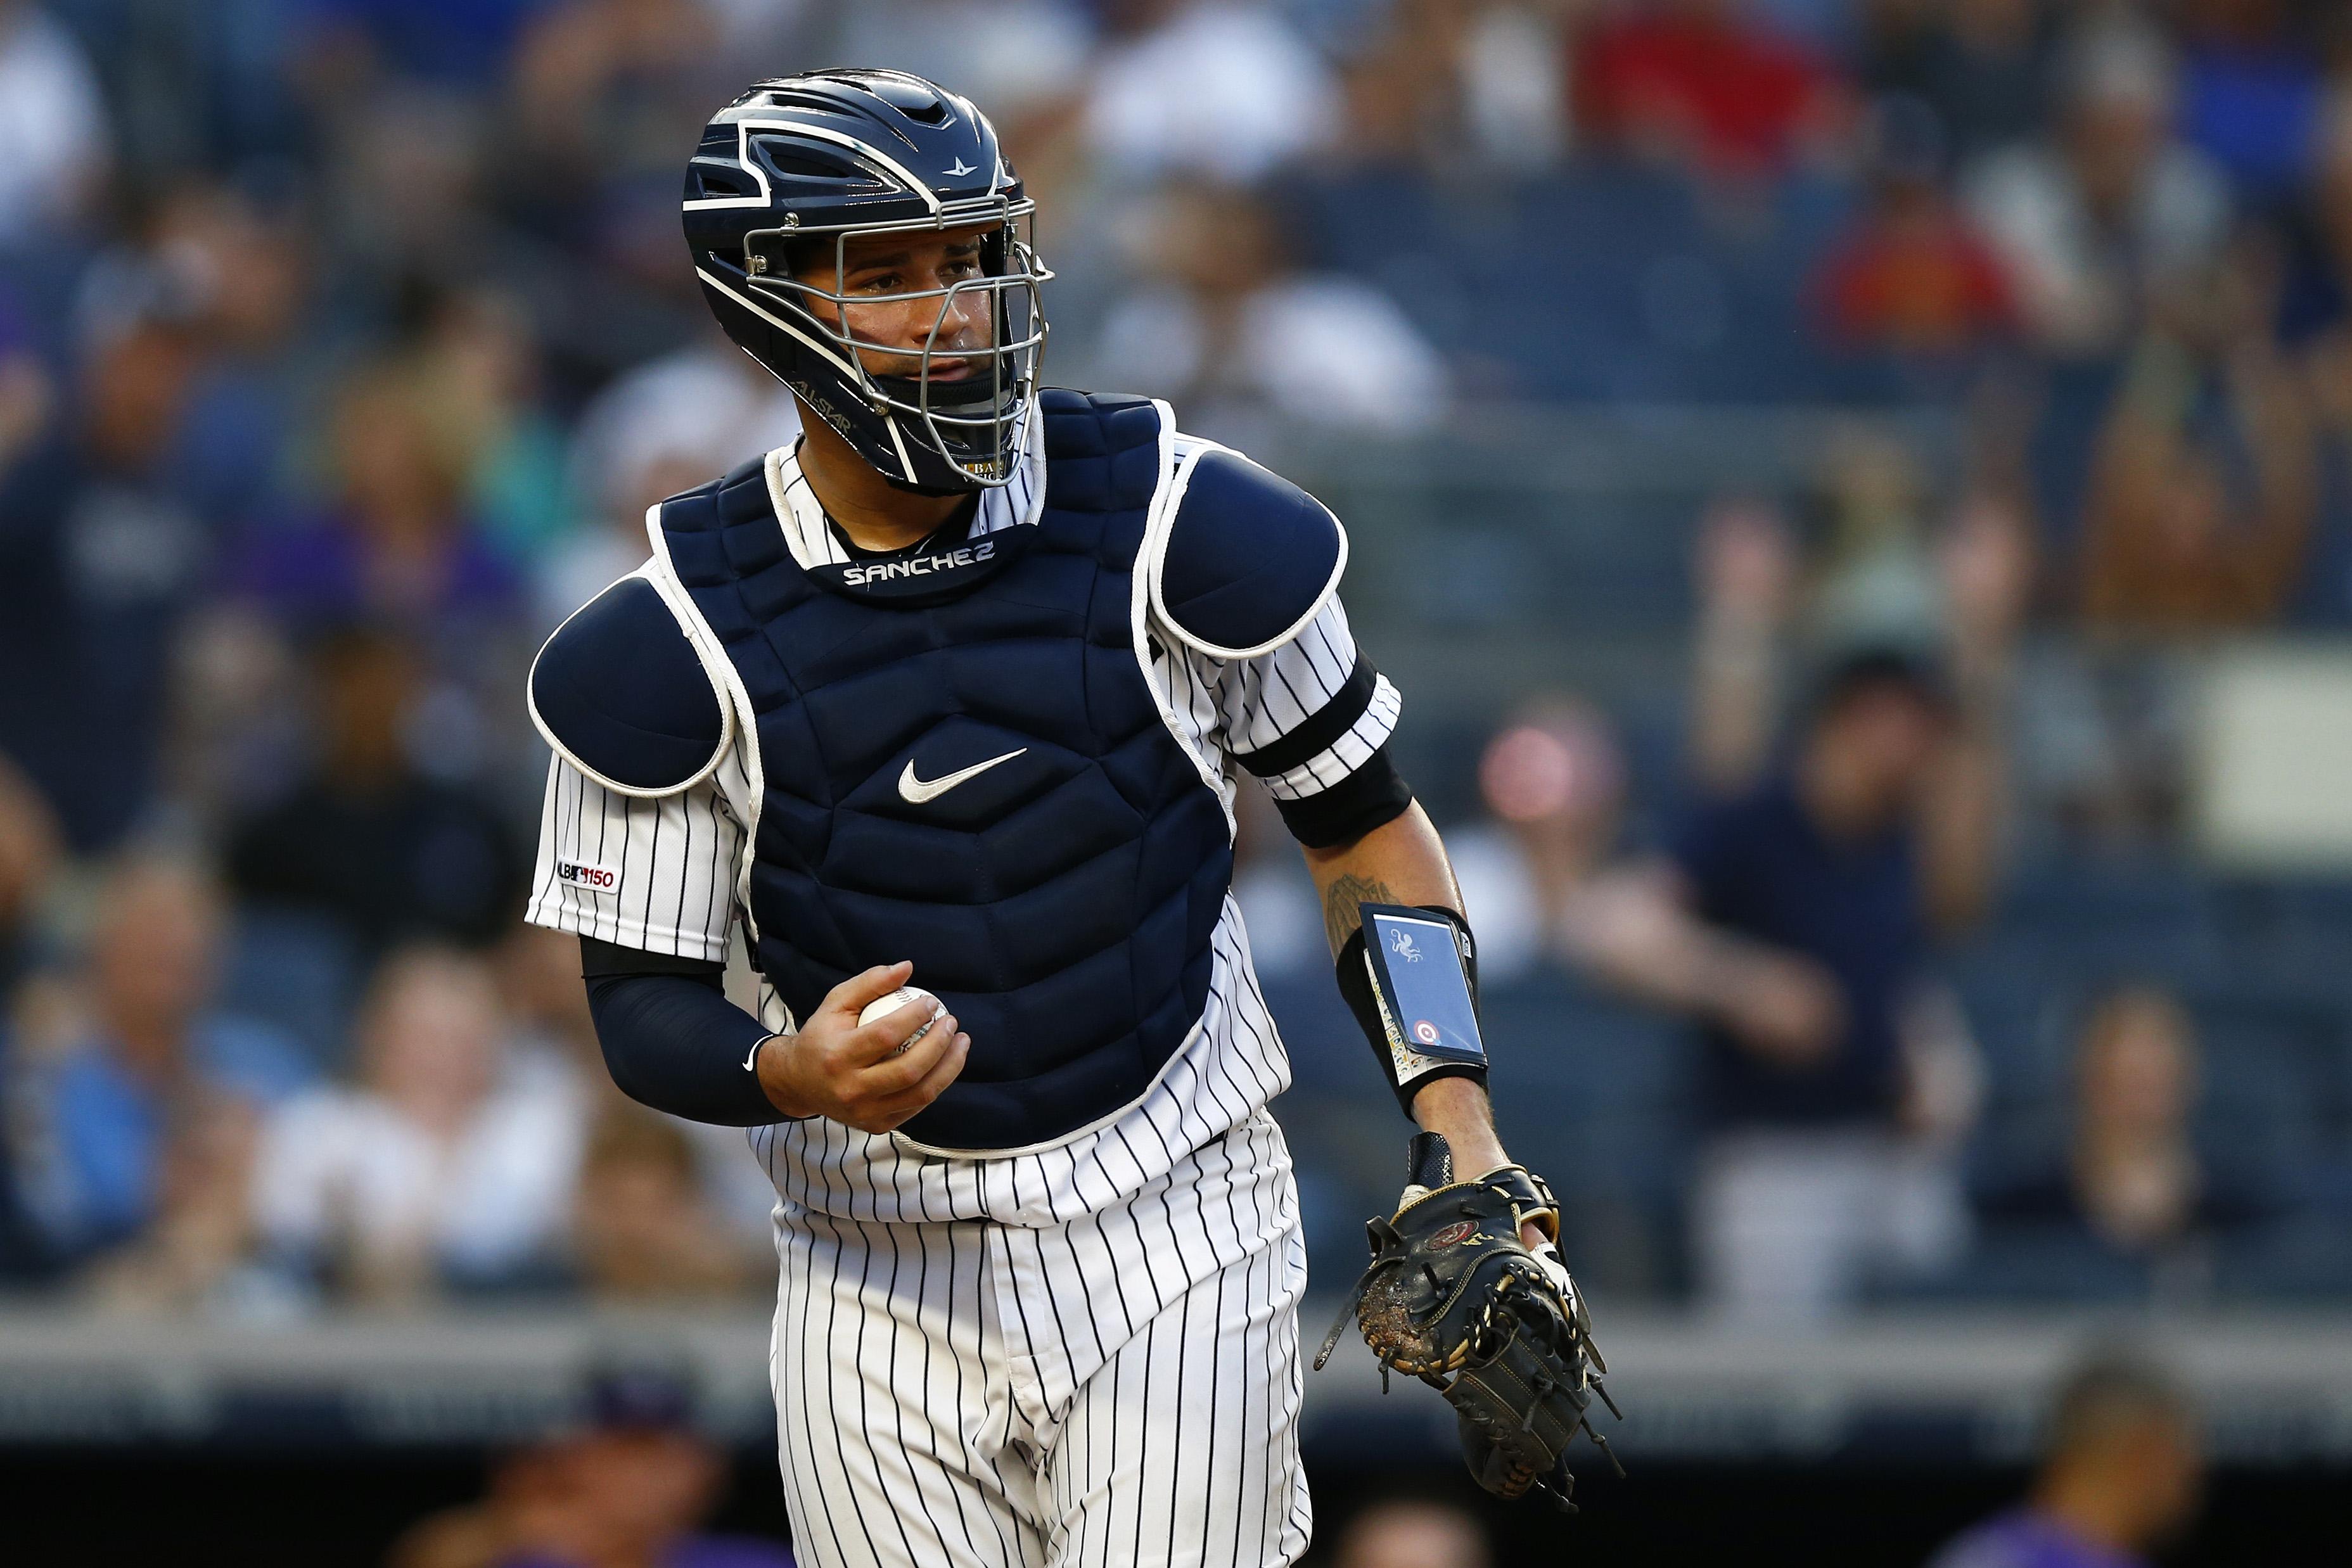 MLB: Colorado Rockies at New York Yankees